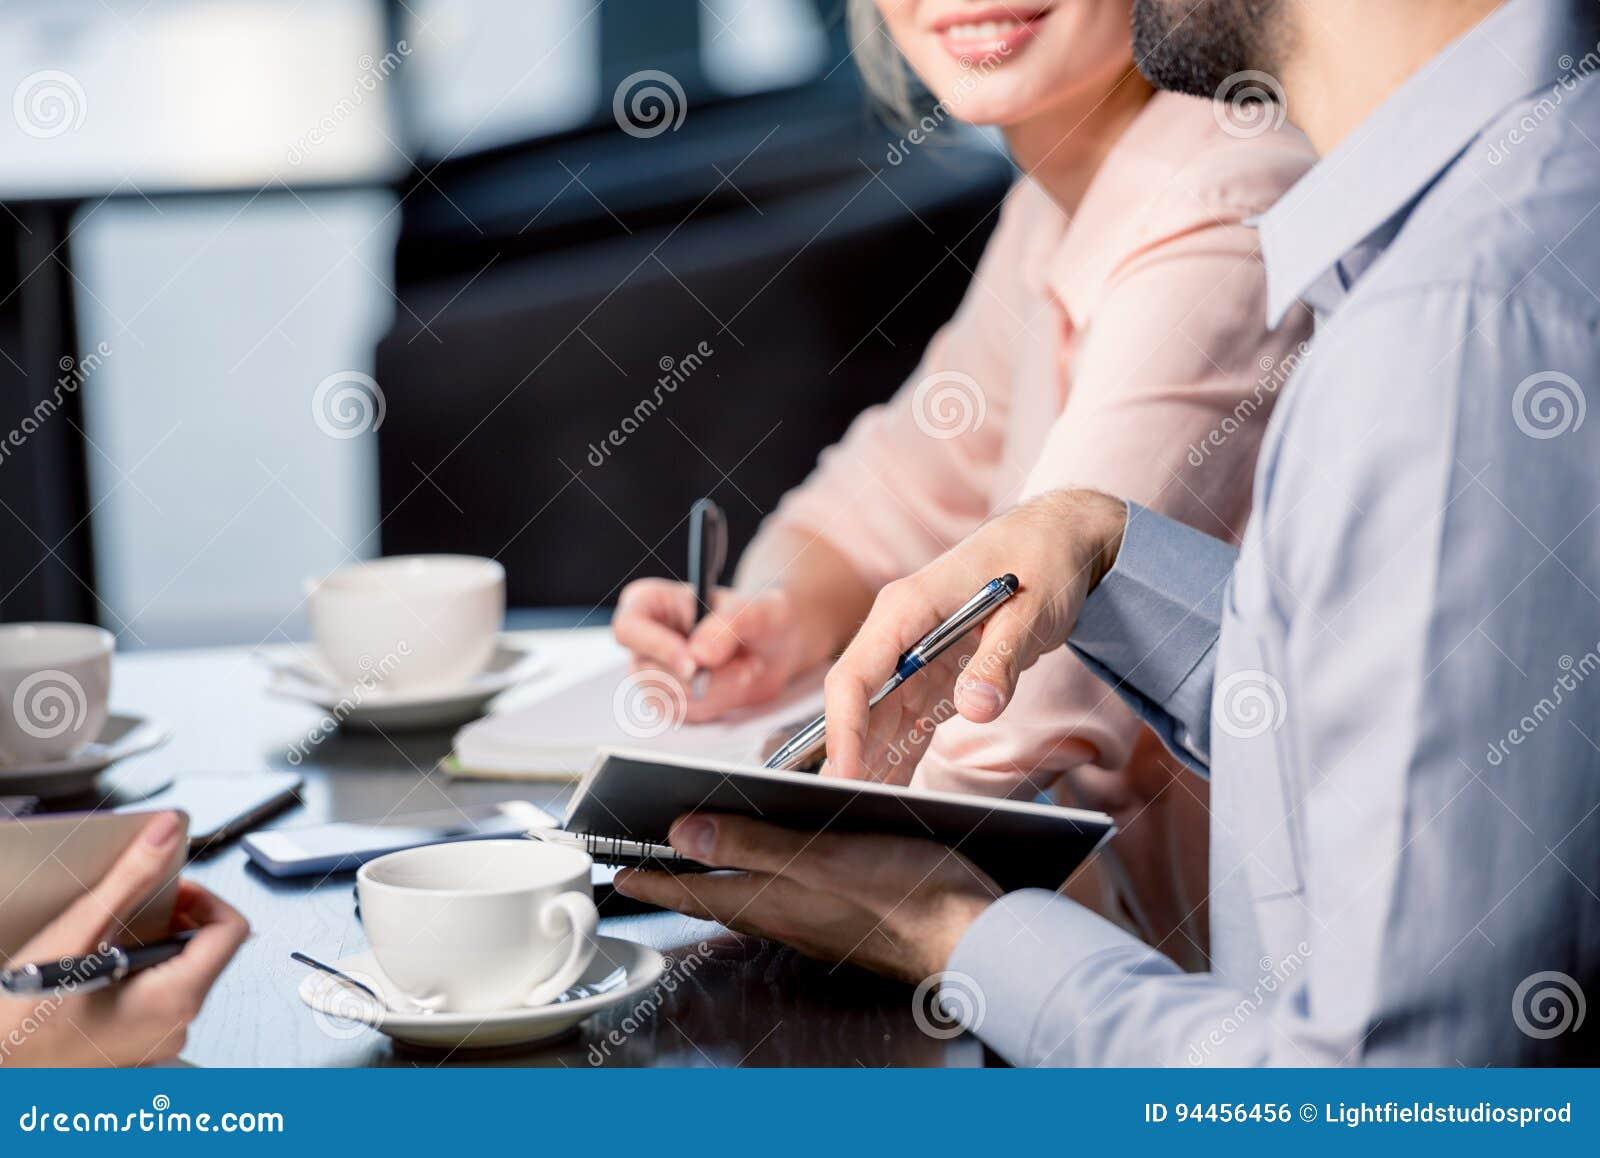 Νέοι που πίνουν τον καφέ και που γράφουν στα σημειωματάρια στην επιχειρησιακή συνεδρίαση, έννοια επιχειρησιακού μεσημεριανού γεύμ